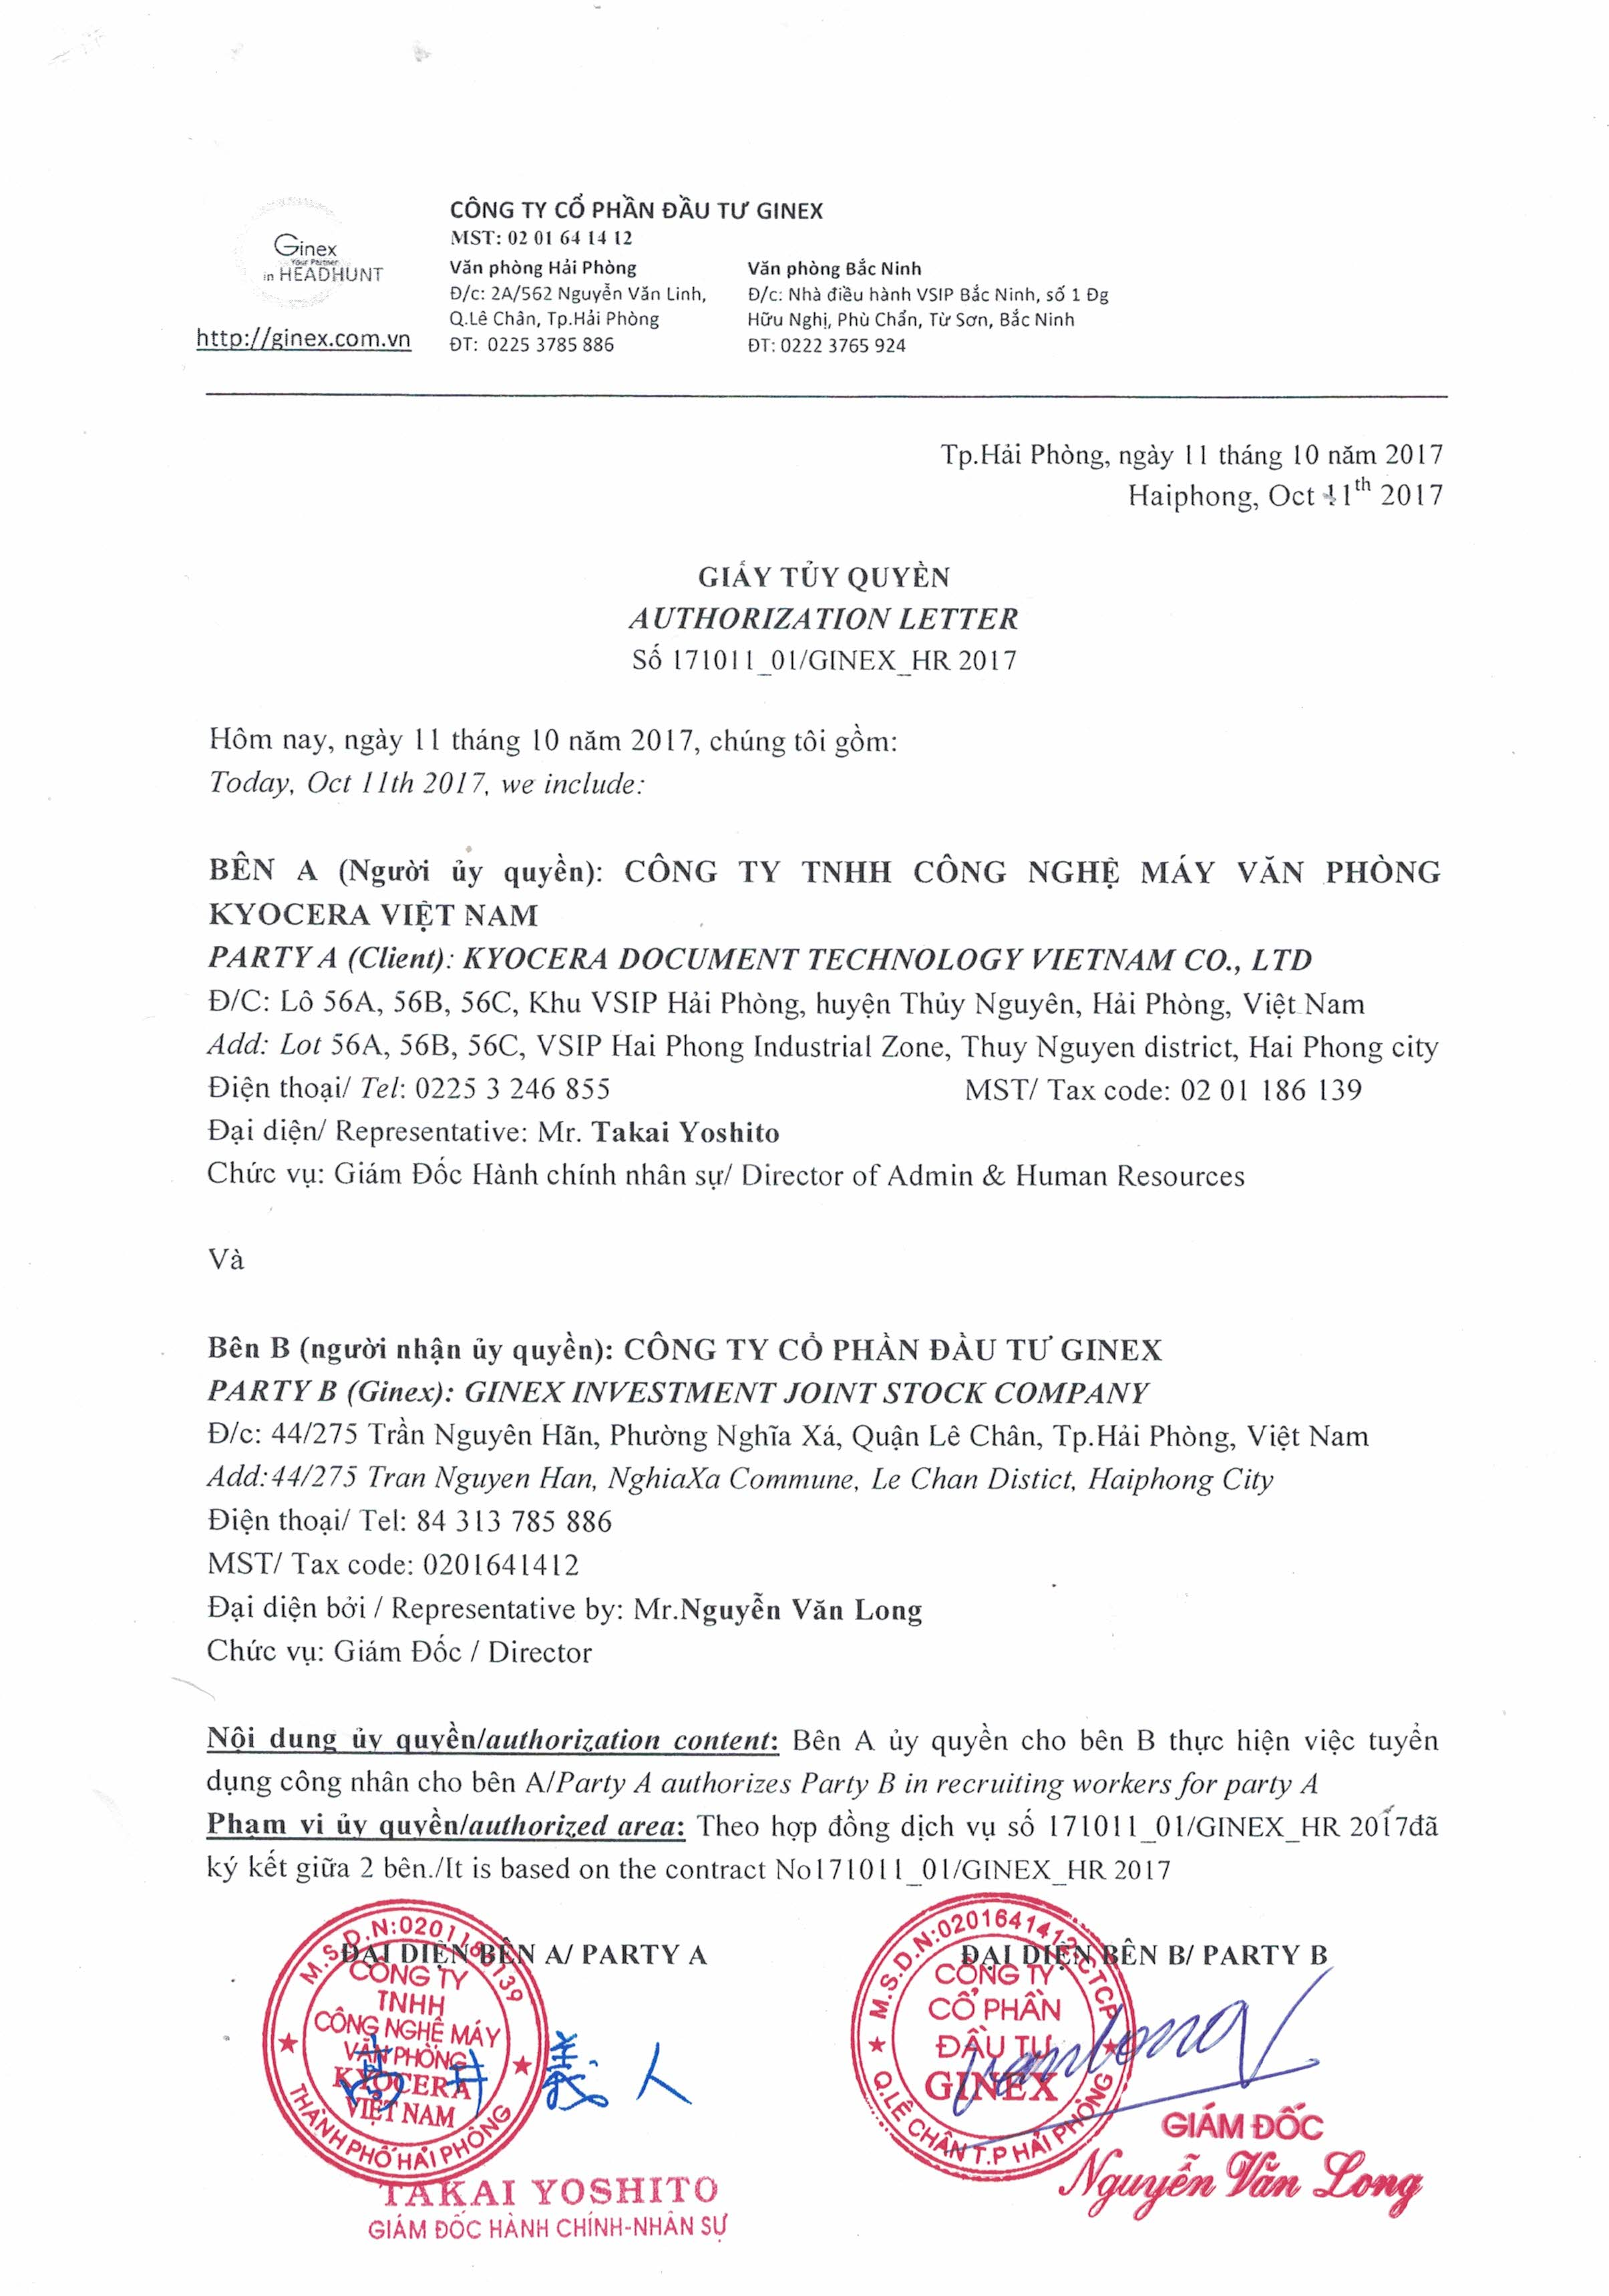 Ủy quyền tuyển dụng của công ty TNHH Công Nghệ Máy Văn Phòng Kyocera Việt Nam cho Gjobs Talent Search